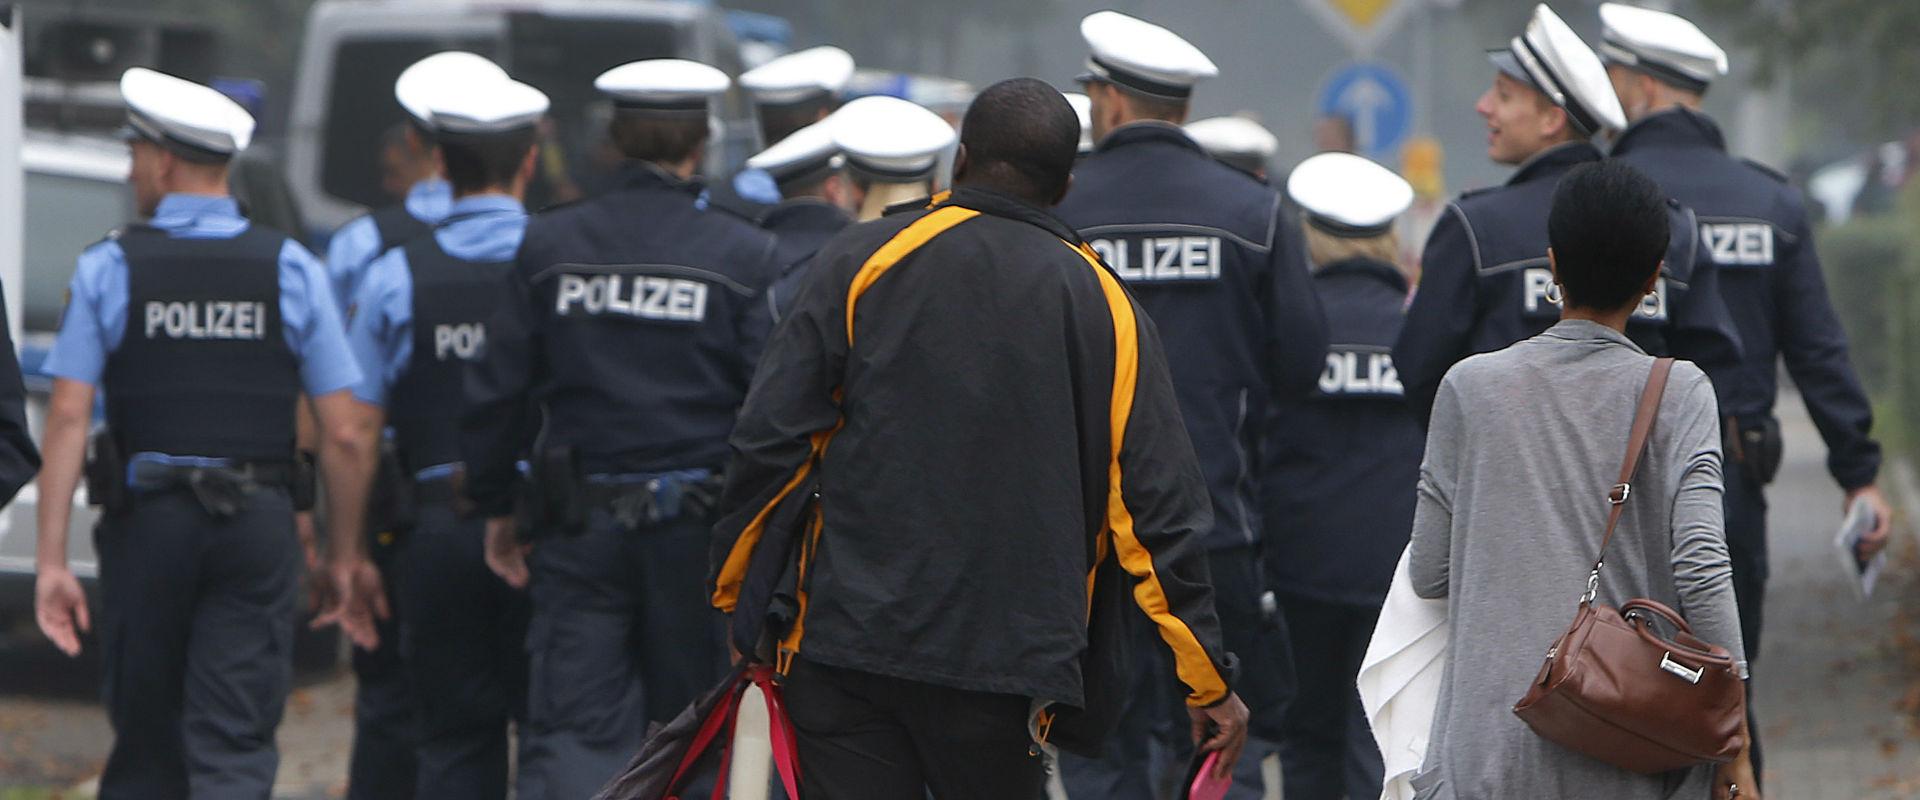 משטרת פרנקפורט באזור בו נמצאה הפצצה